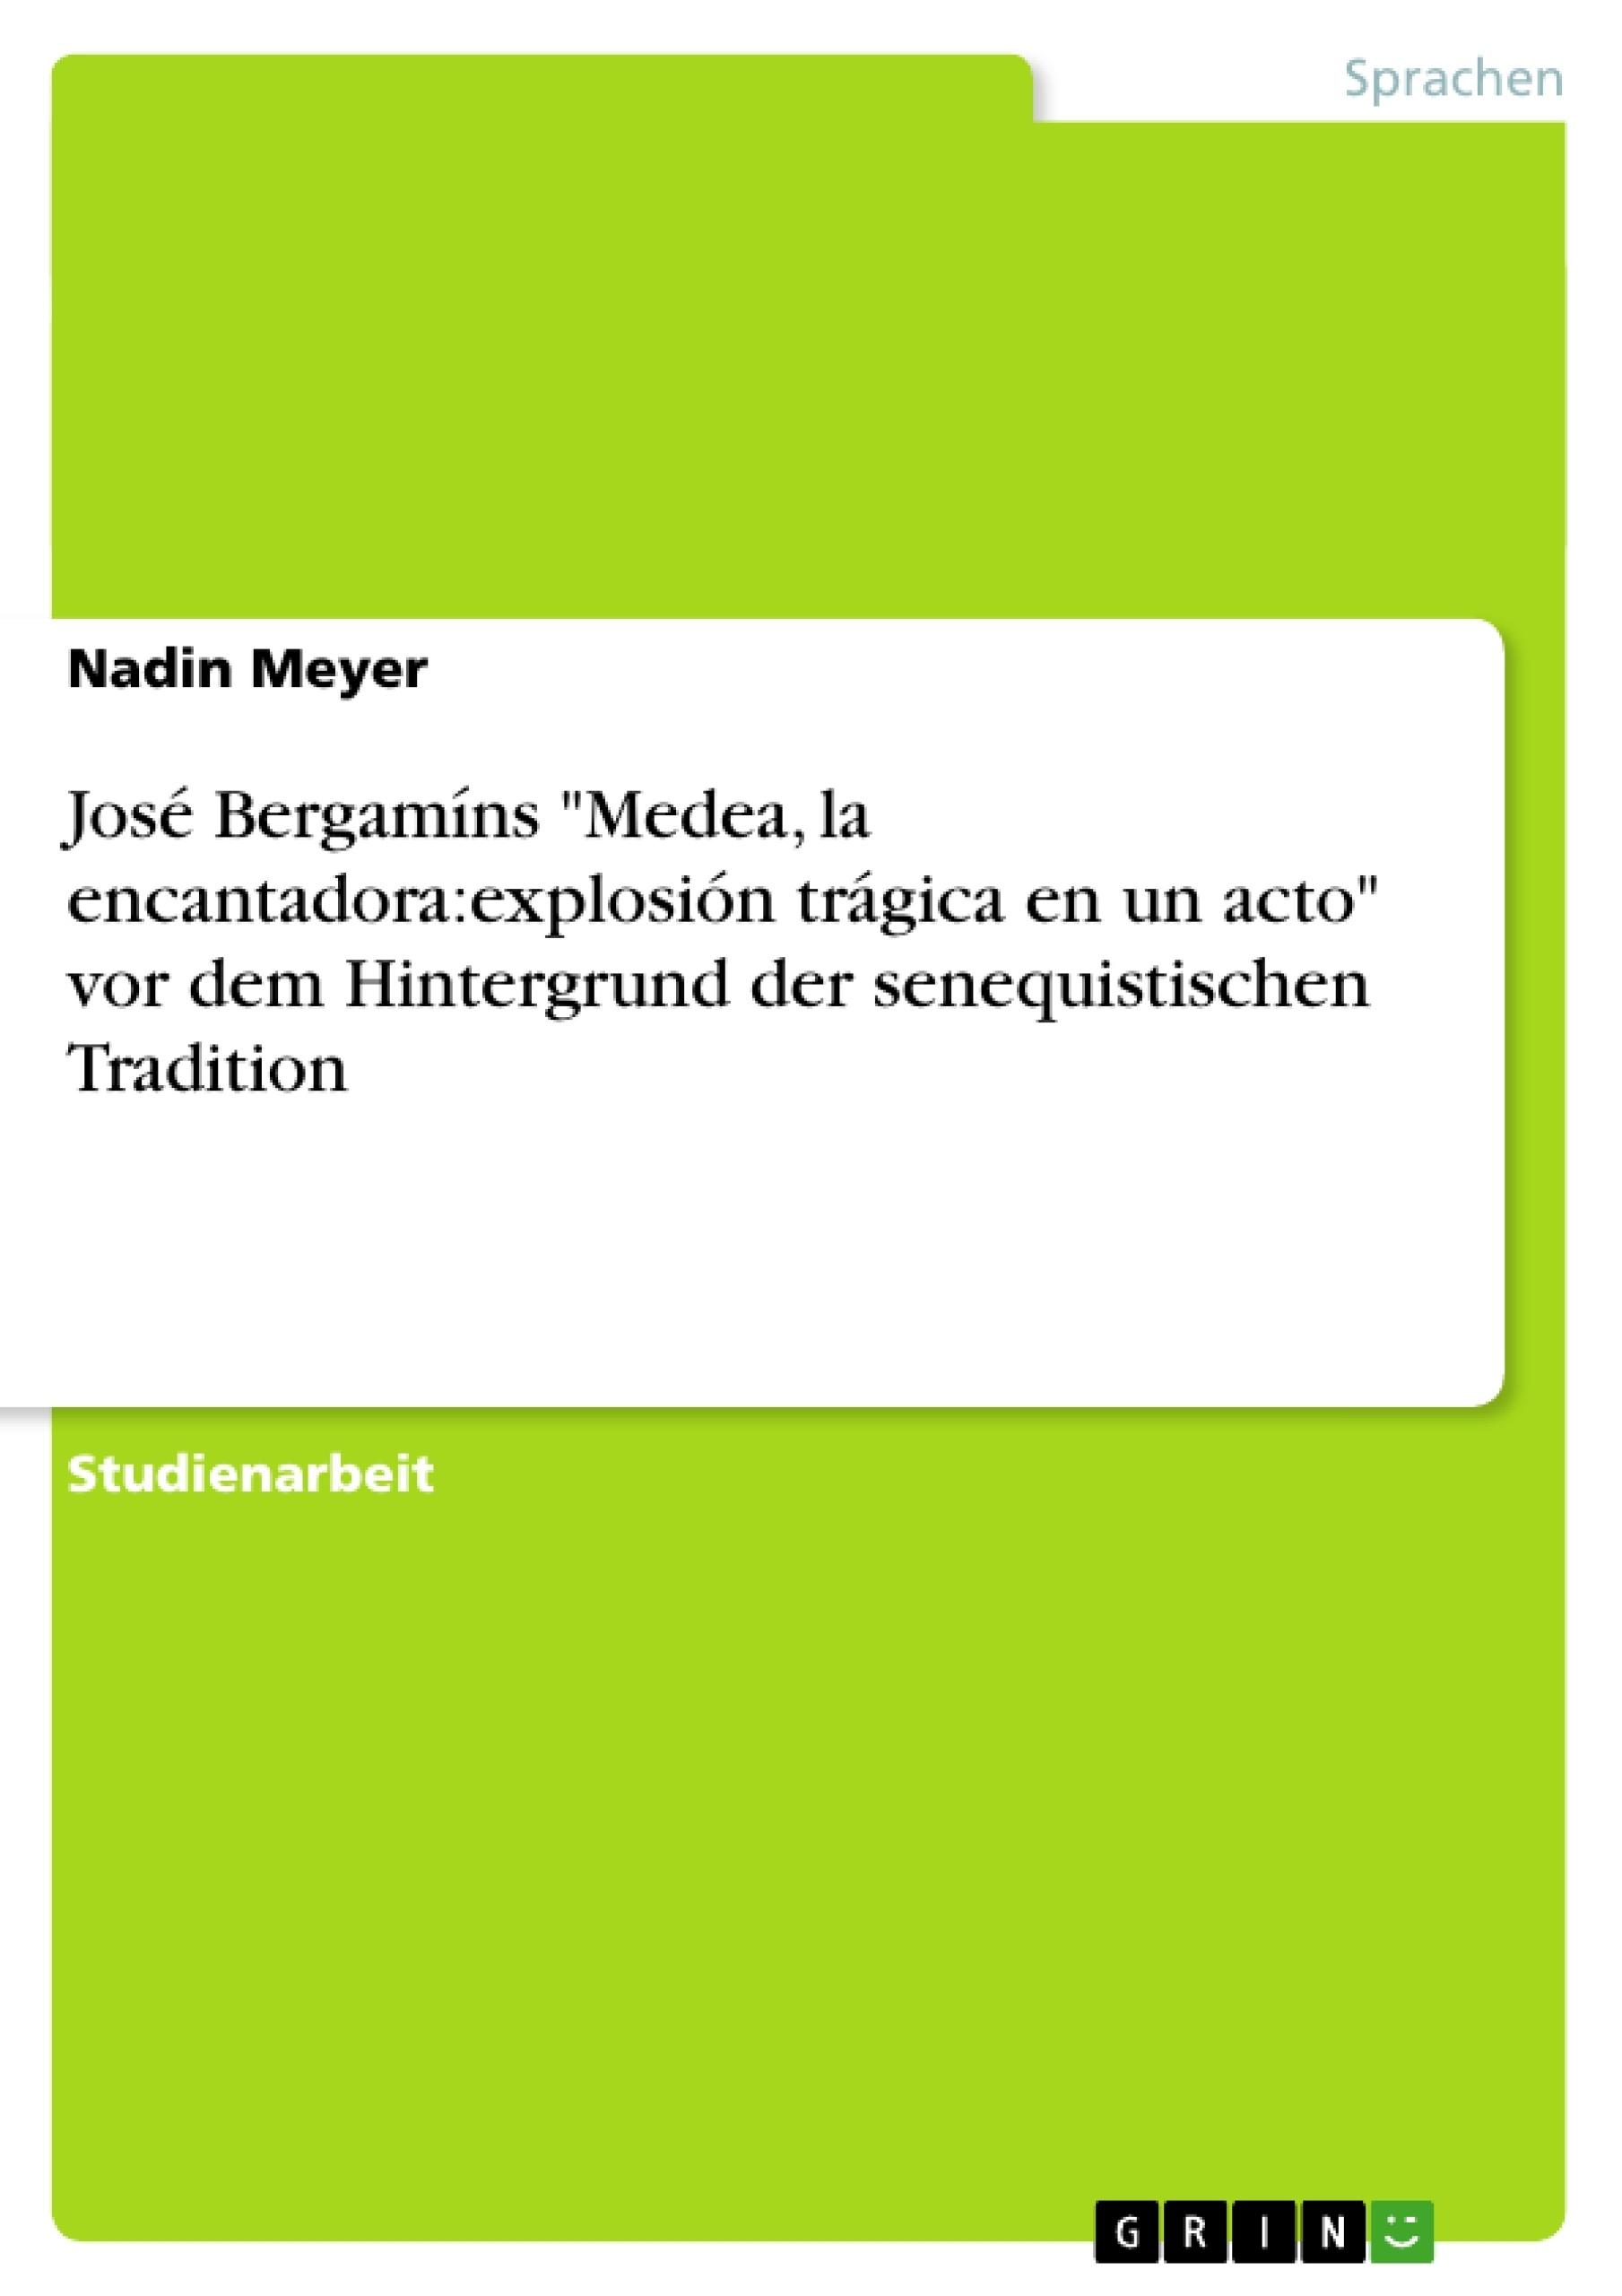 """Titel: José Bergamíns """"Medea, la encantadora:explosión trágica en un acto"""" vor dem Hintergrund der senequistischen Tradition"""